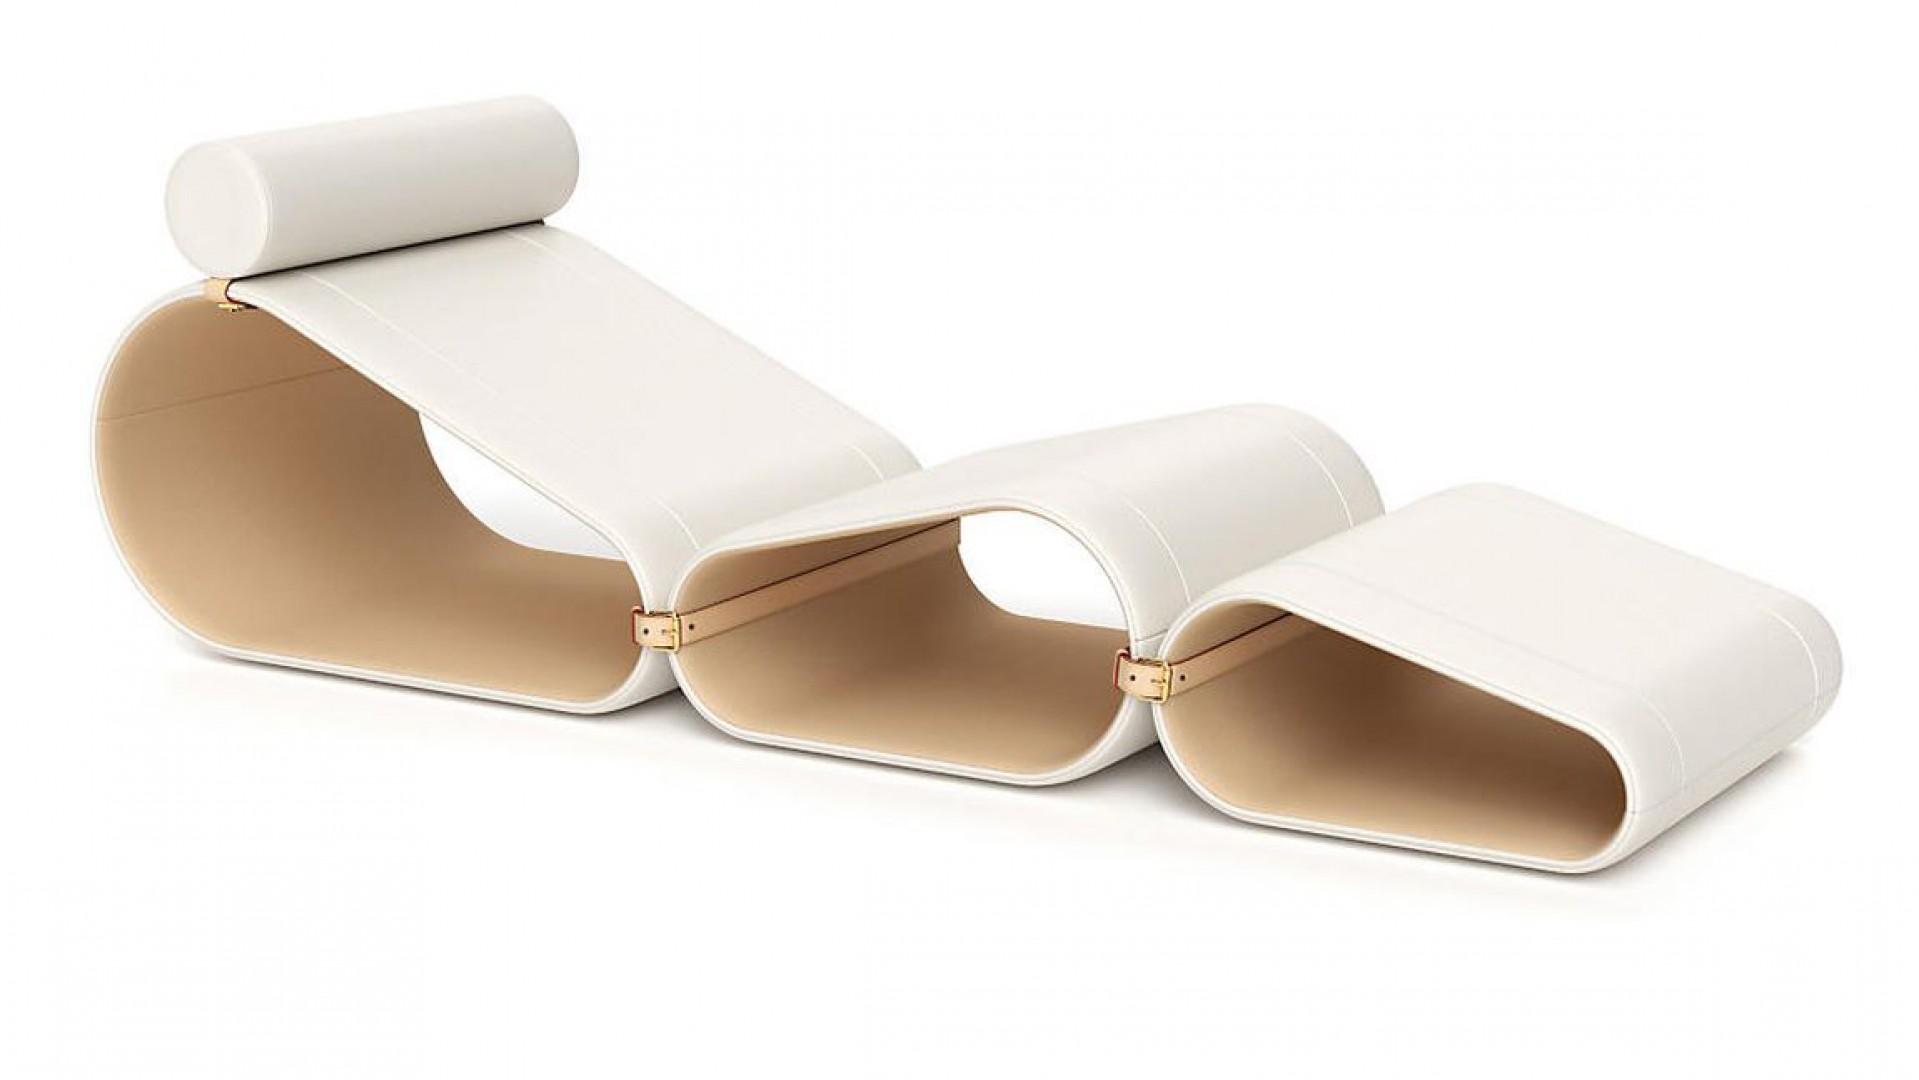 Holenderski projektant Marcel Wanders zaprojektował szezlong dla marki Louis Vuitton. Mebel wszedł w skład linii Louis Vuitton Objets Nomades Collection i został zaprezentowany podczas ostatnich targów w Mediolanie. Fot. Louis Vuitton